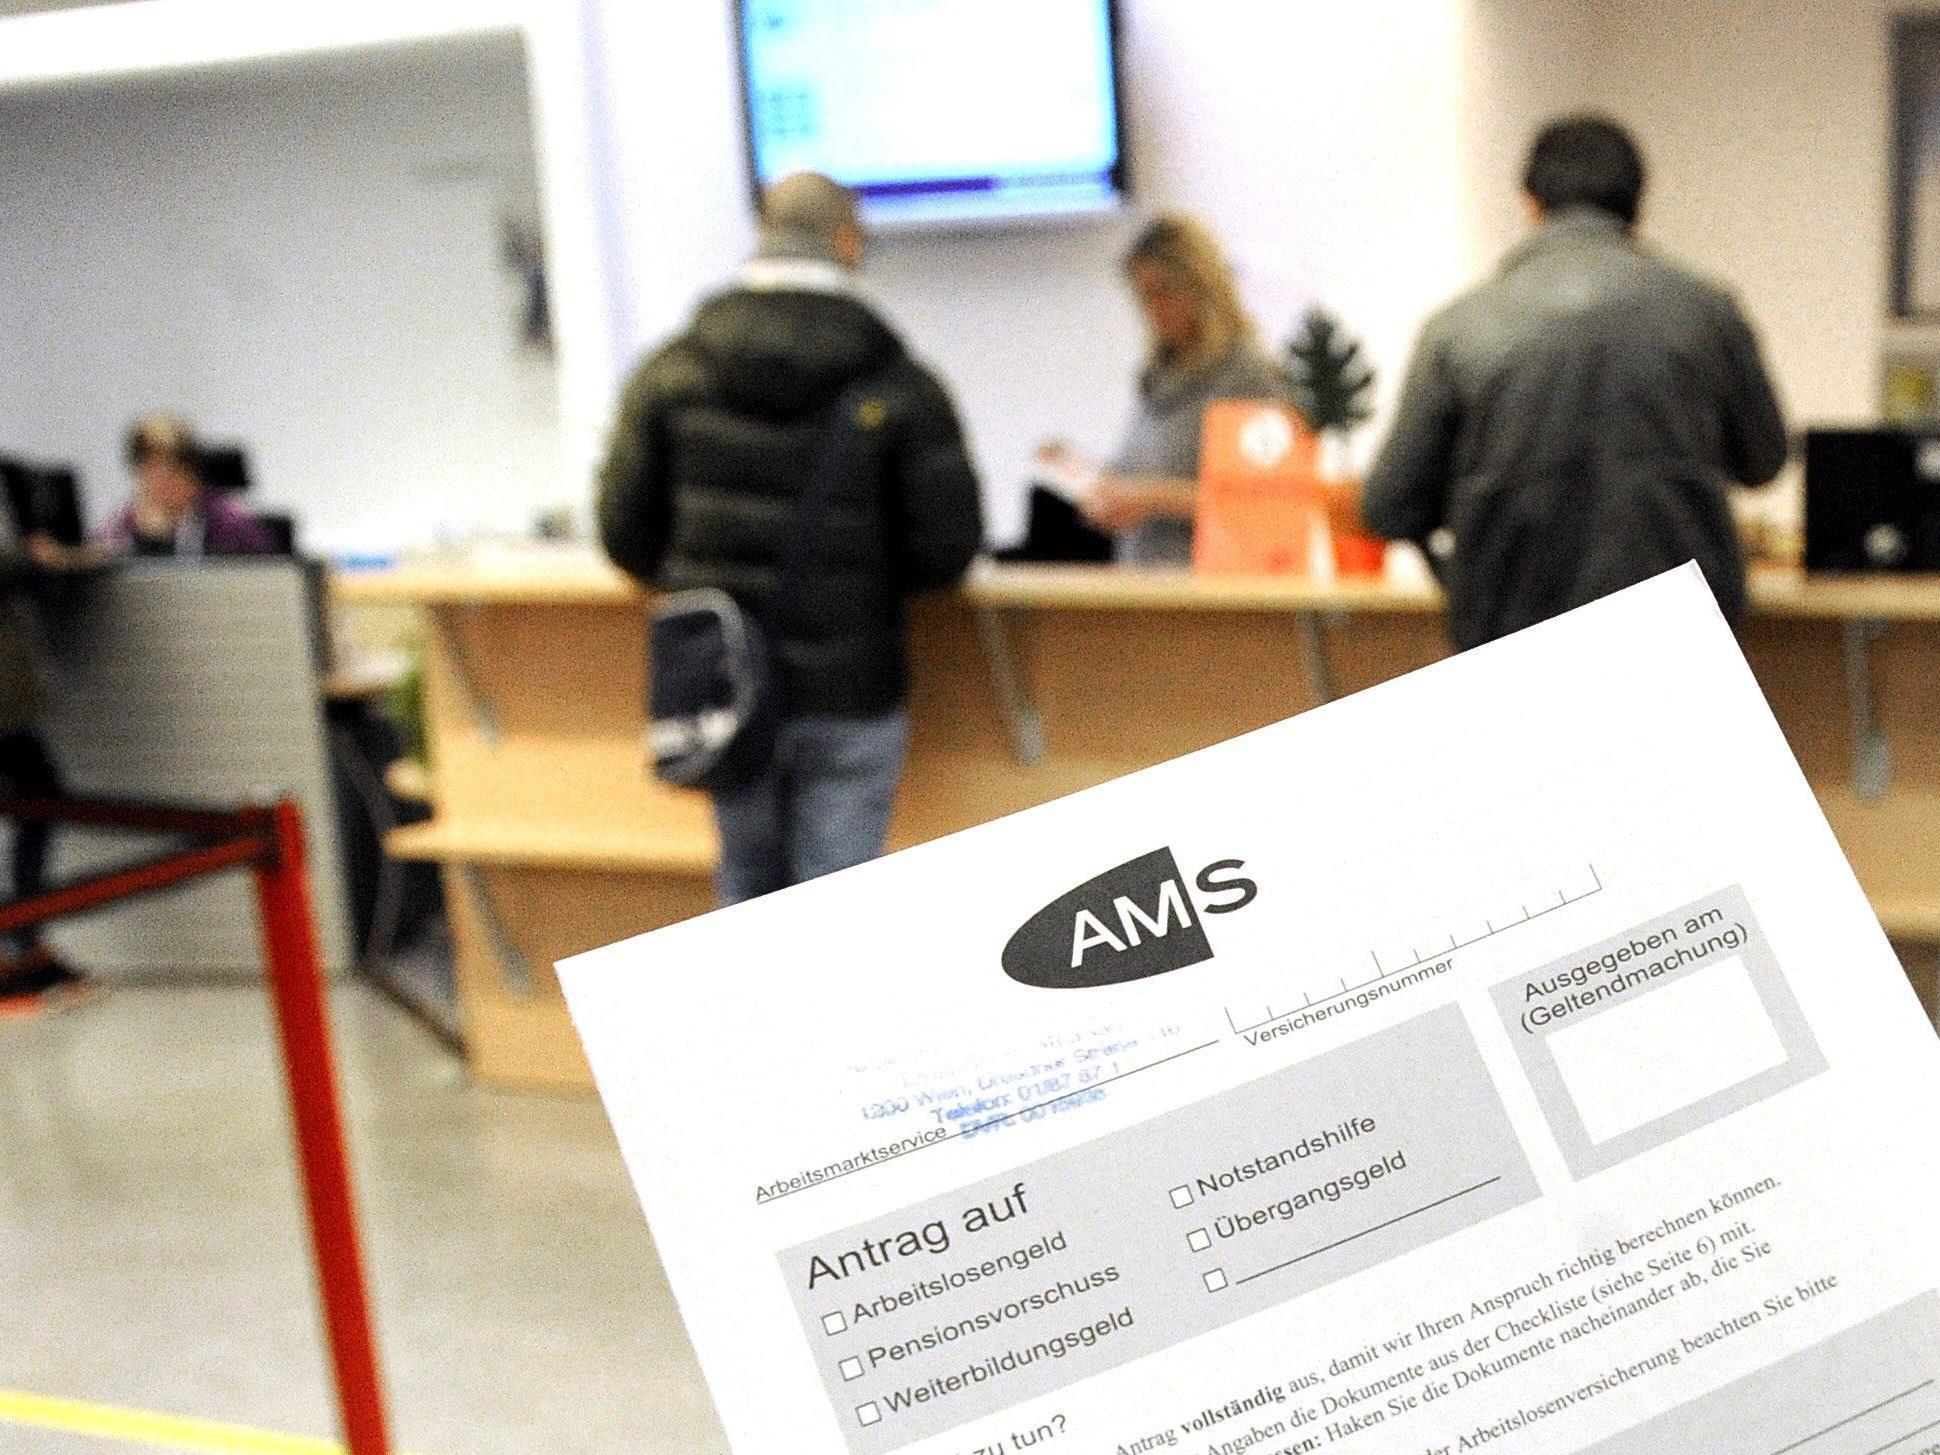 In ganz Österreich steigen Arbeitslosenzahlen - Im Osten am stärksten